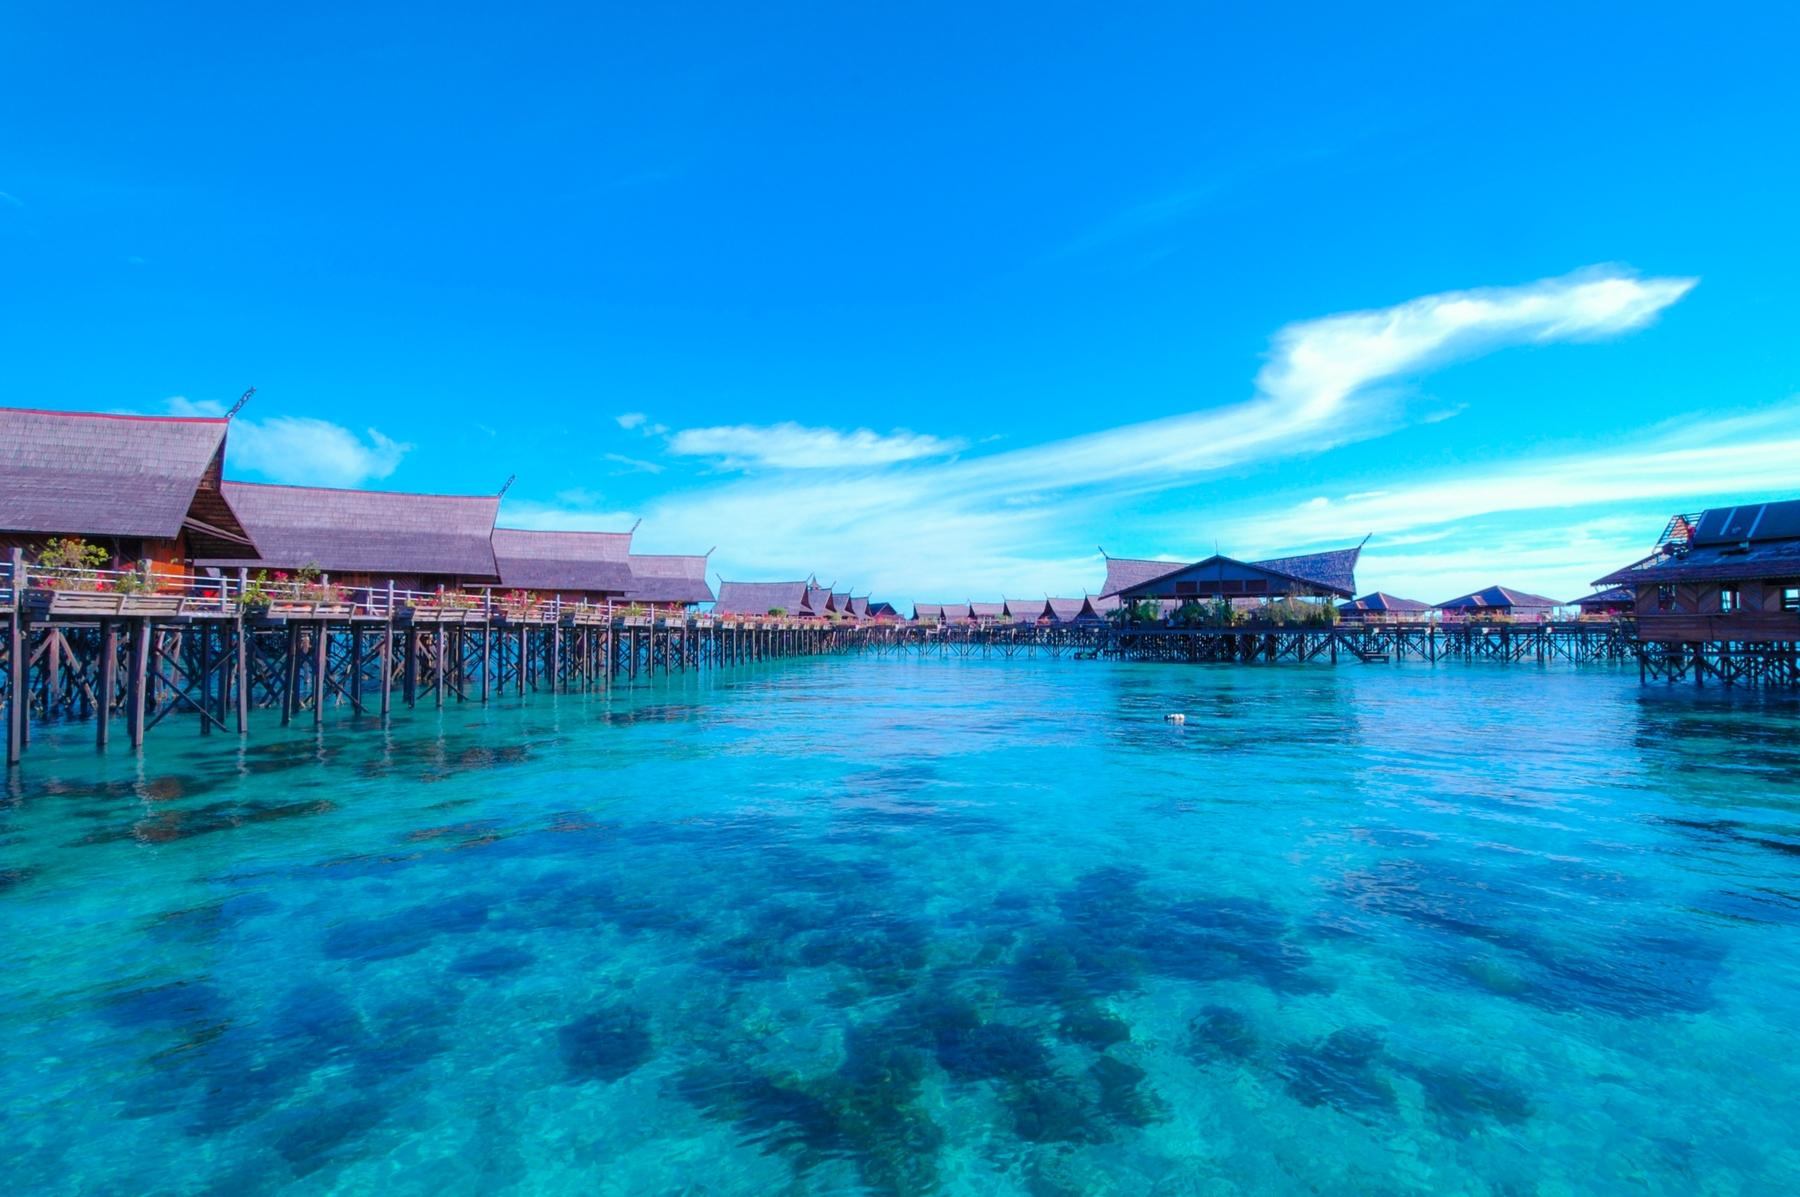 Stelzenbauen in Fiji. Laut unserem Länder-Faktum liegt hier eine geheimnisvolle, segenspendende Schatulle im Meer verborgen.